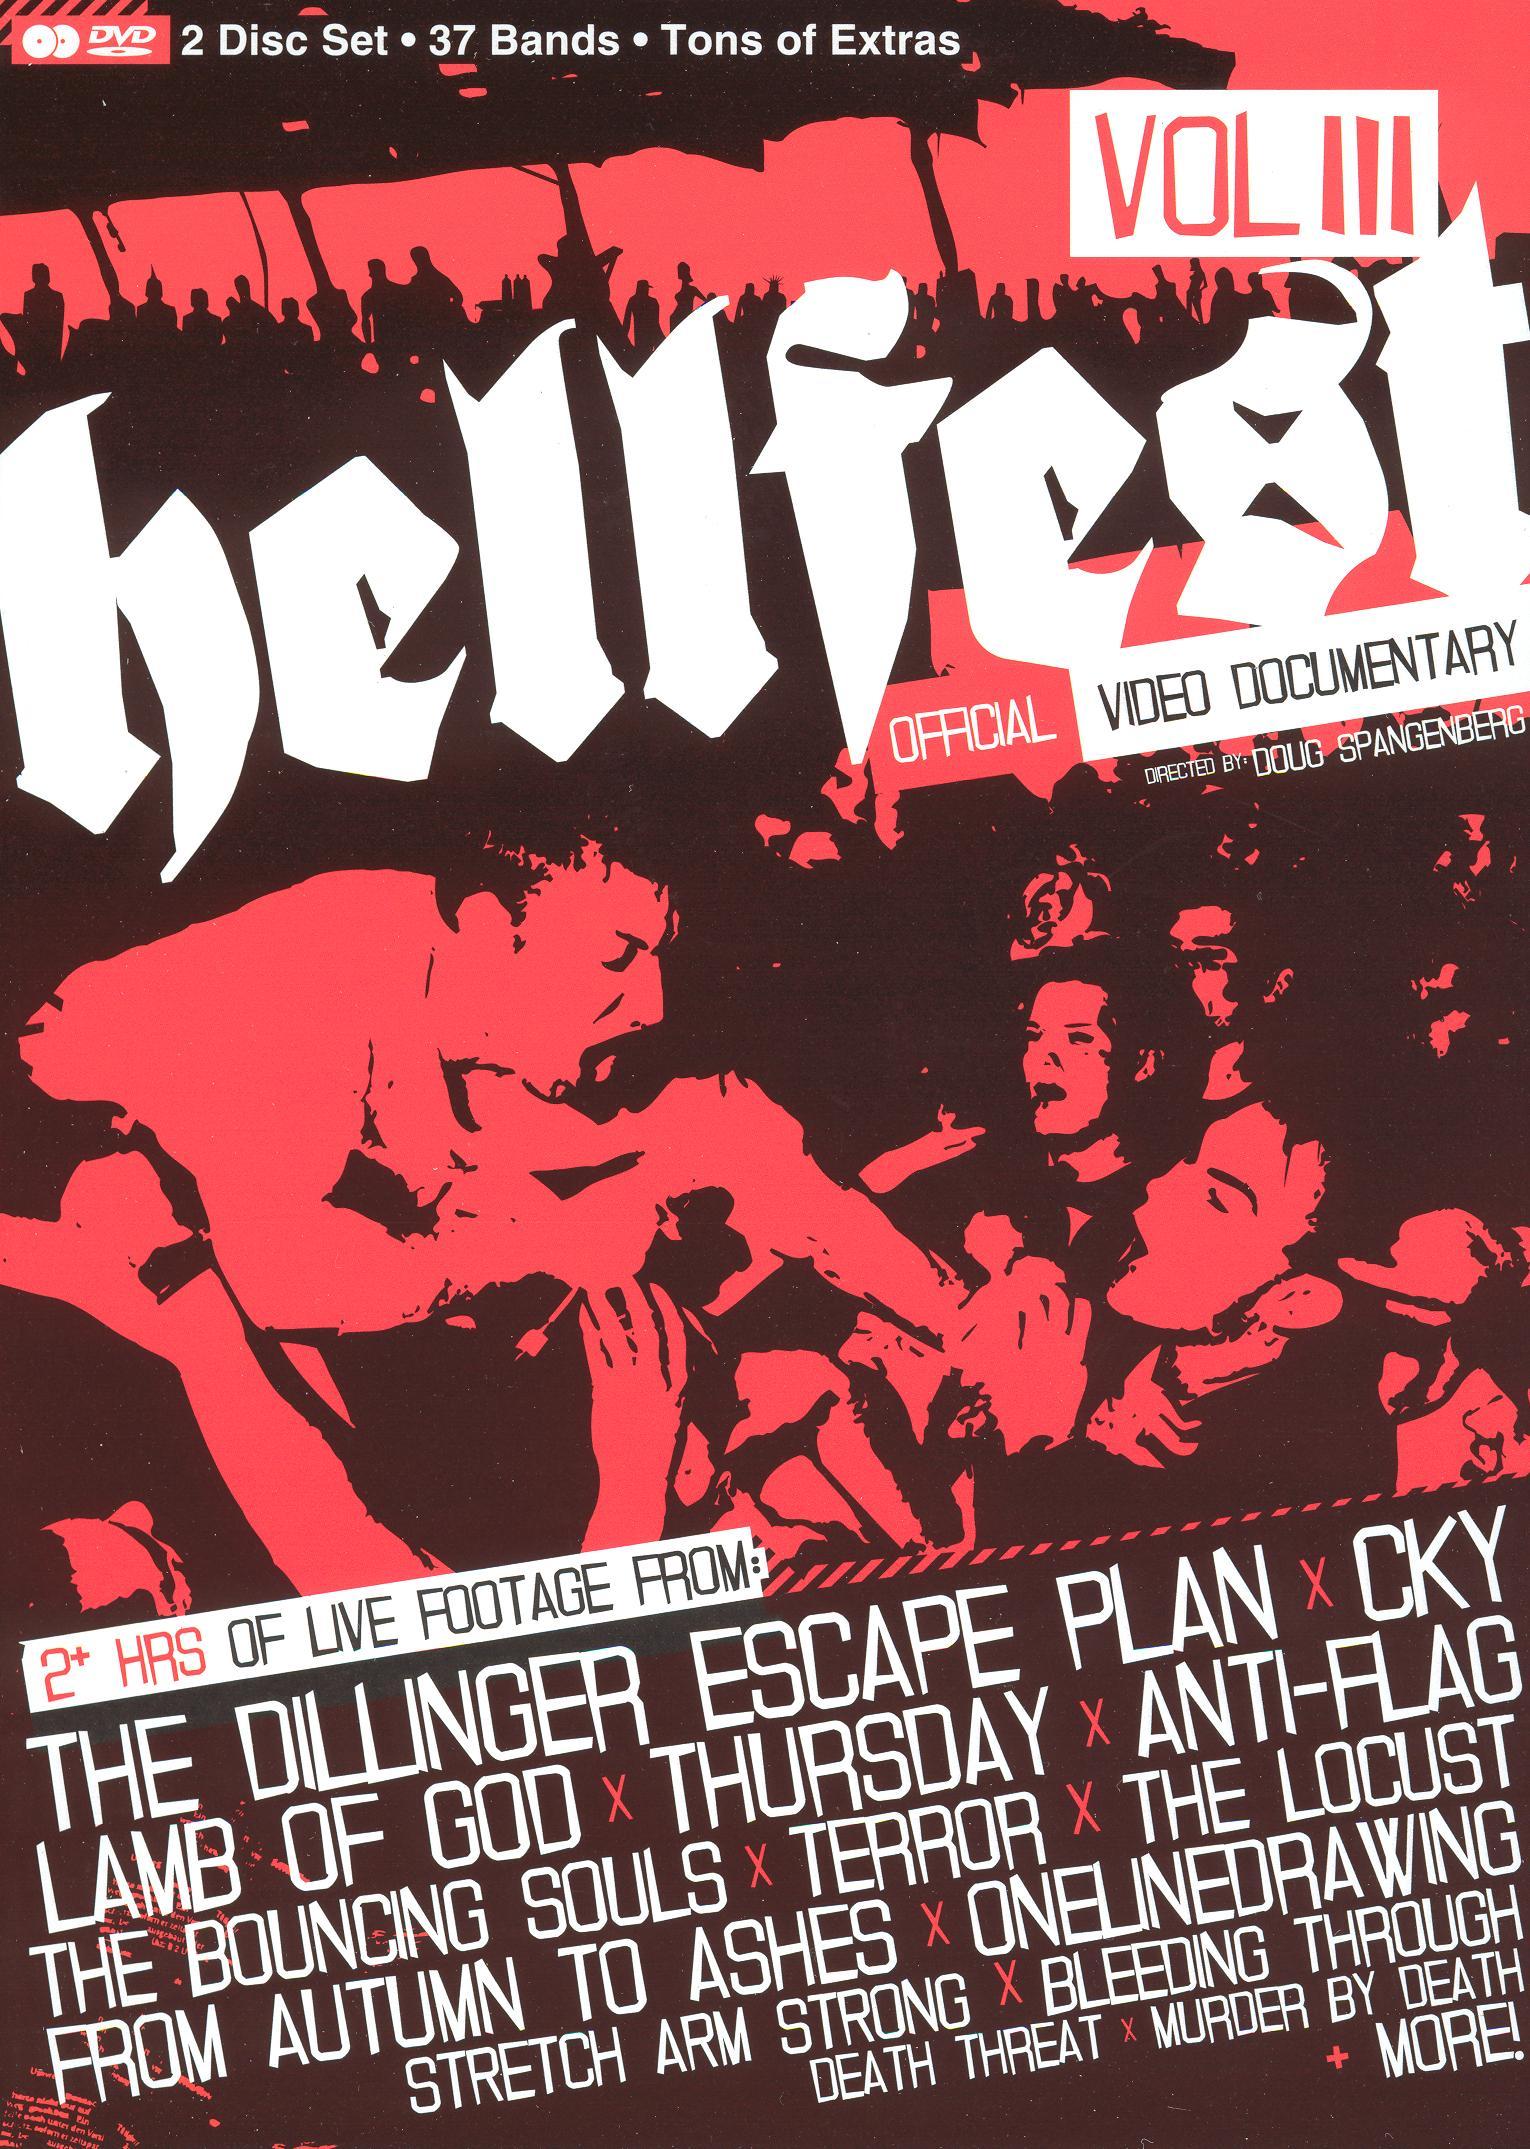 Hellfest, Vol. 3